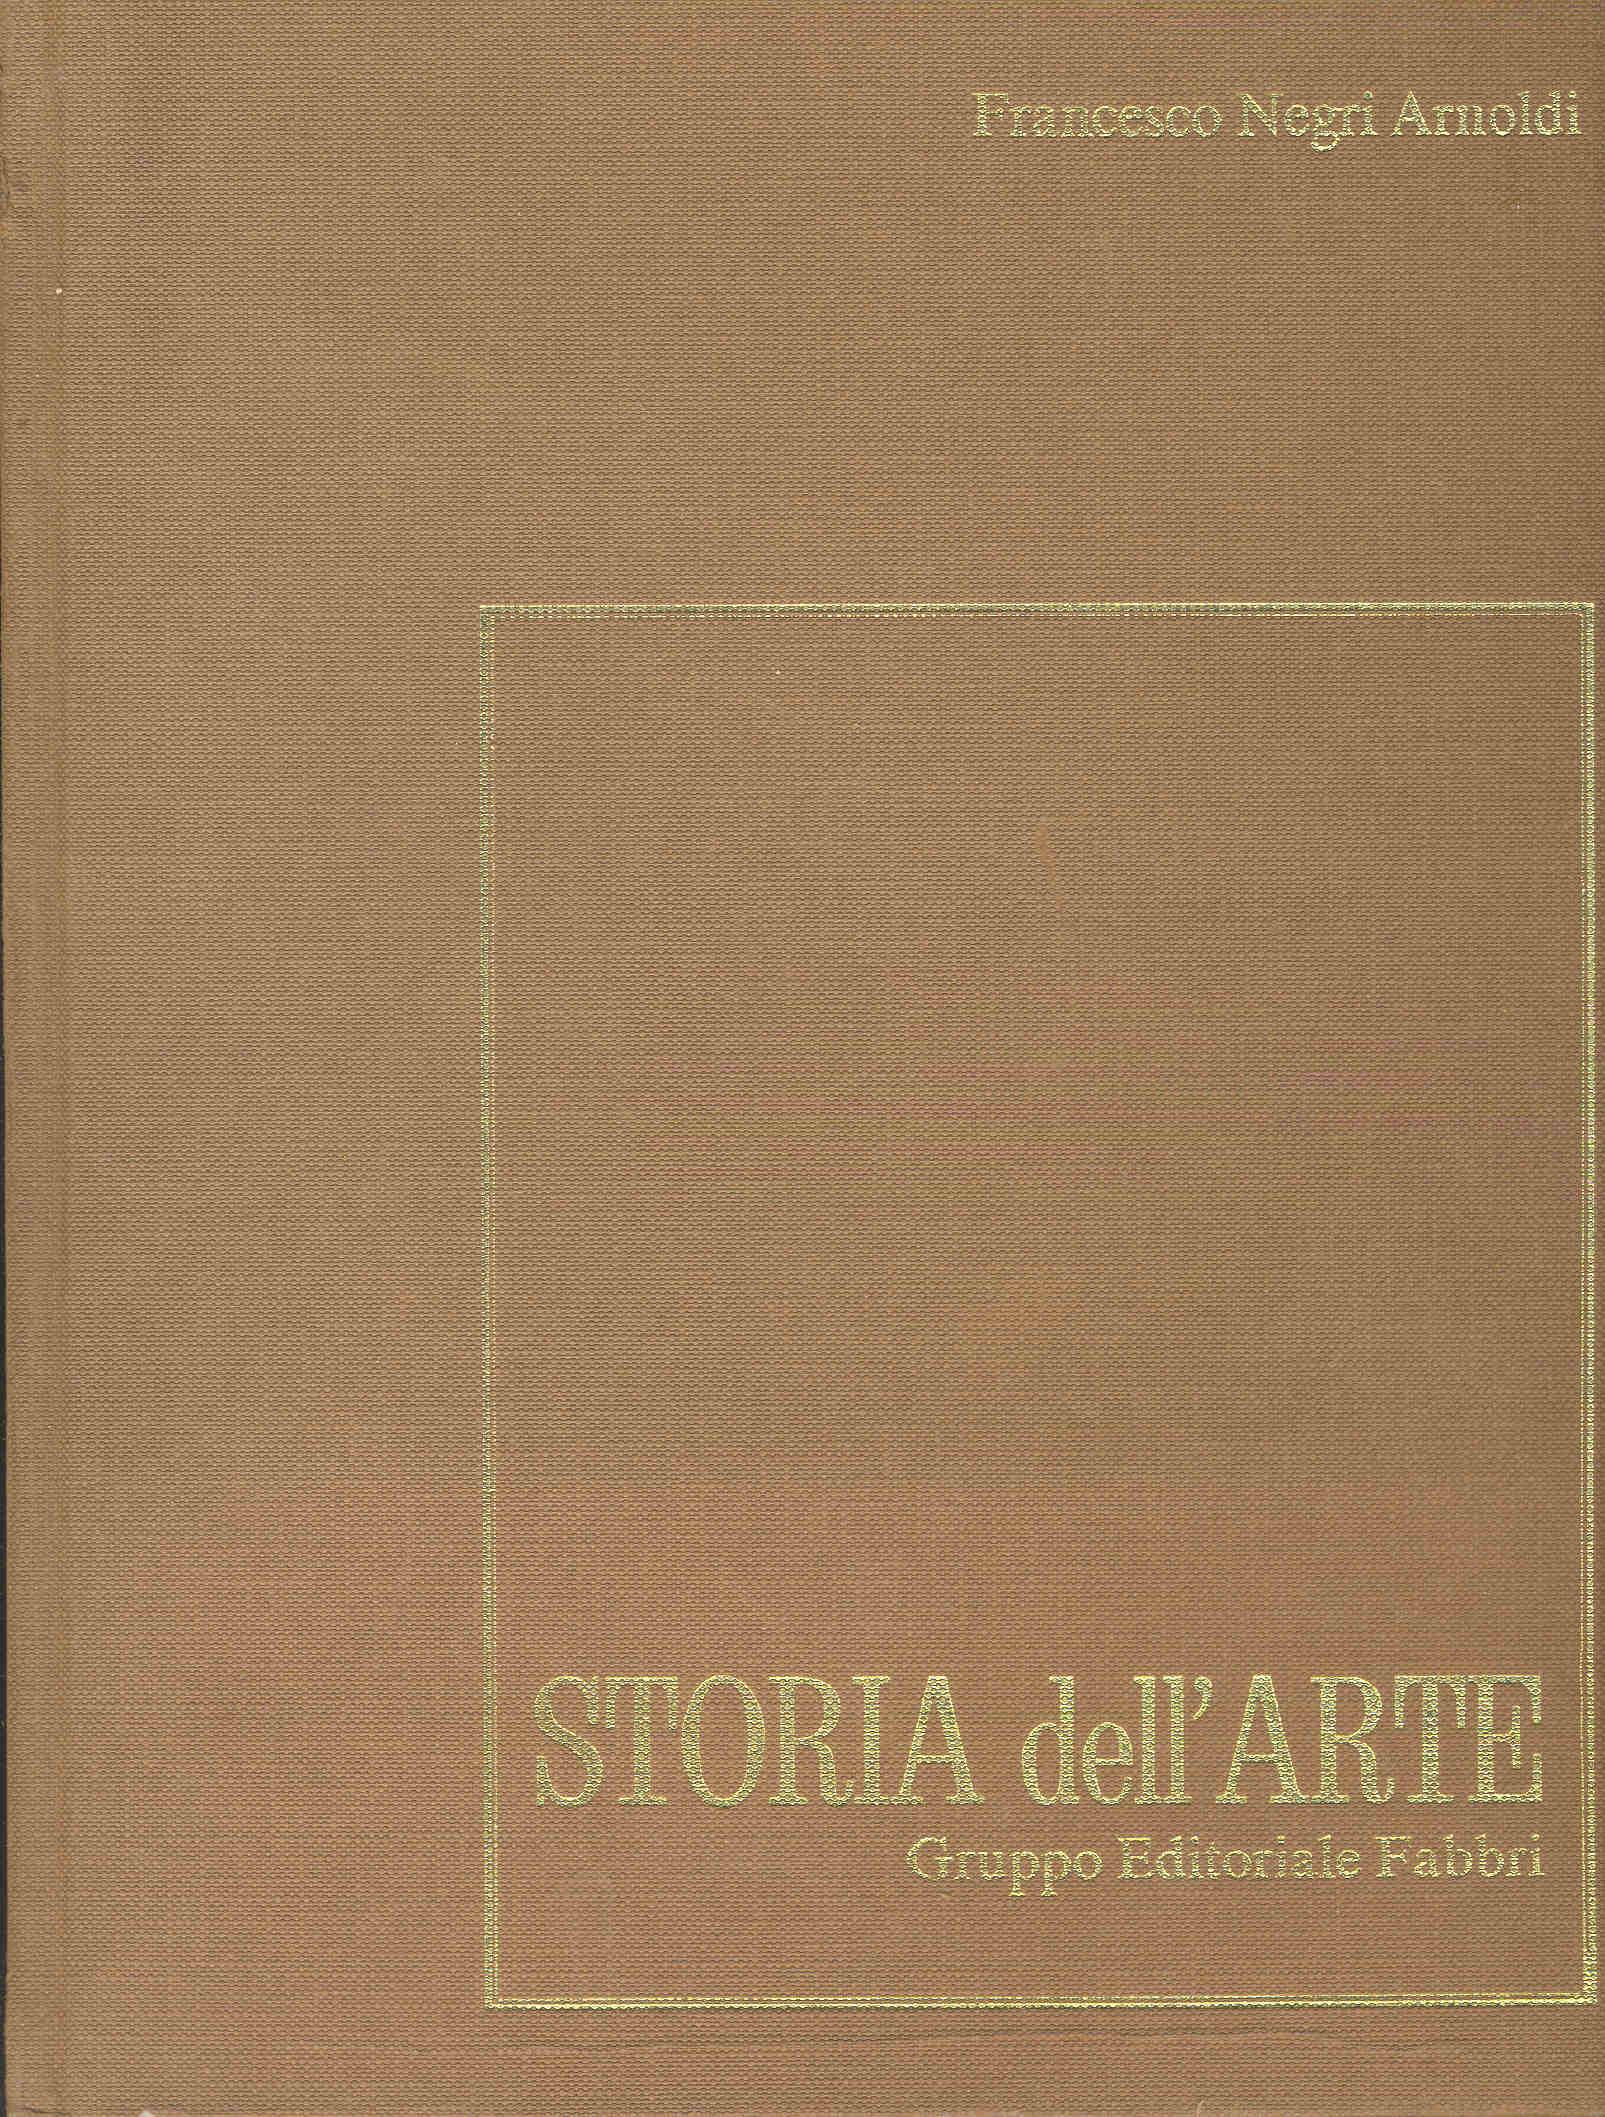 Storia dell'arte - Vol. 3